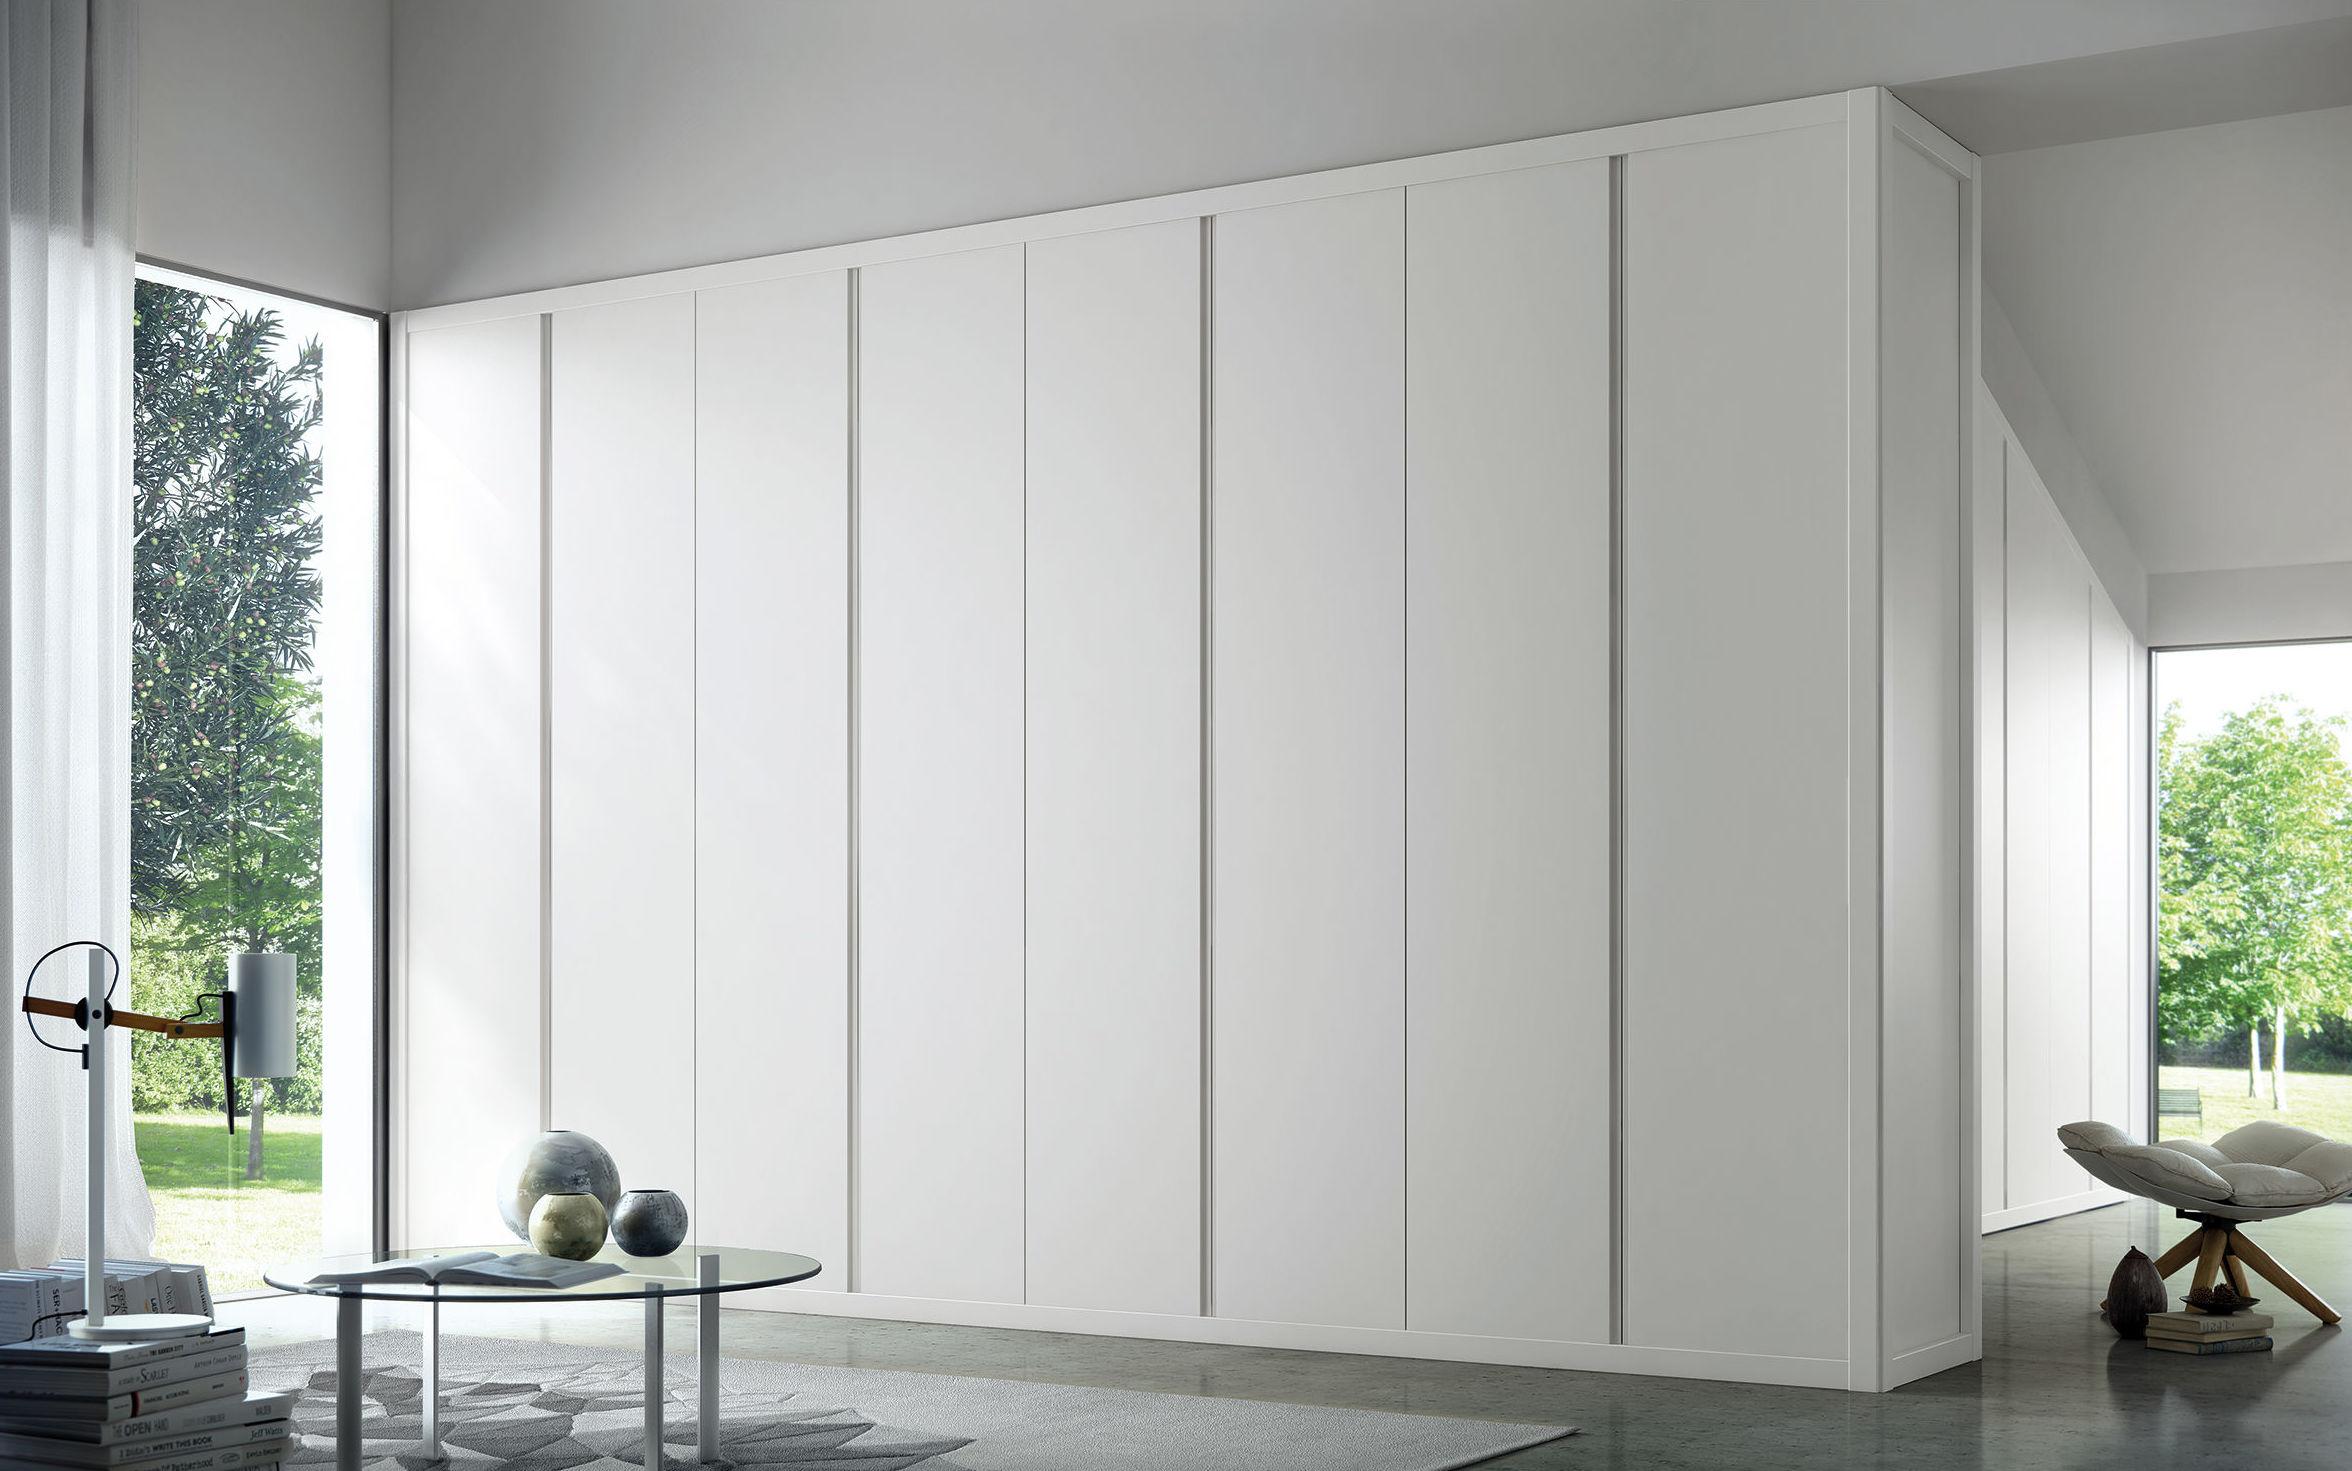 Armarios lacados en blanco - Frentes de armarios de cocina ...